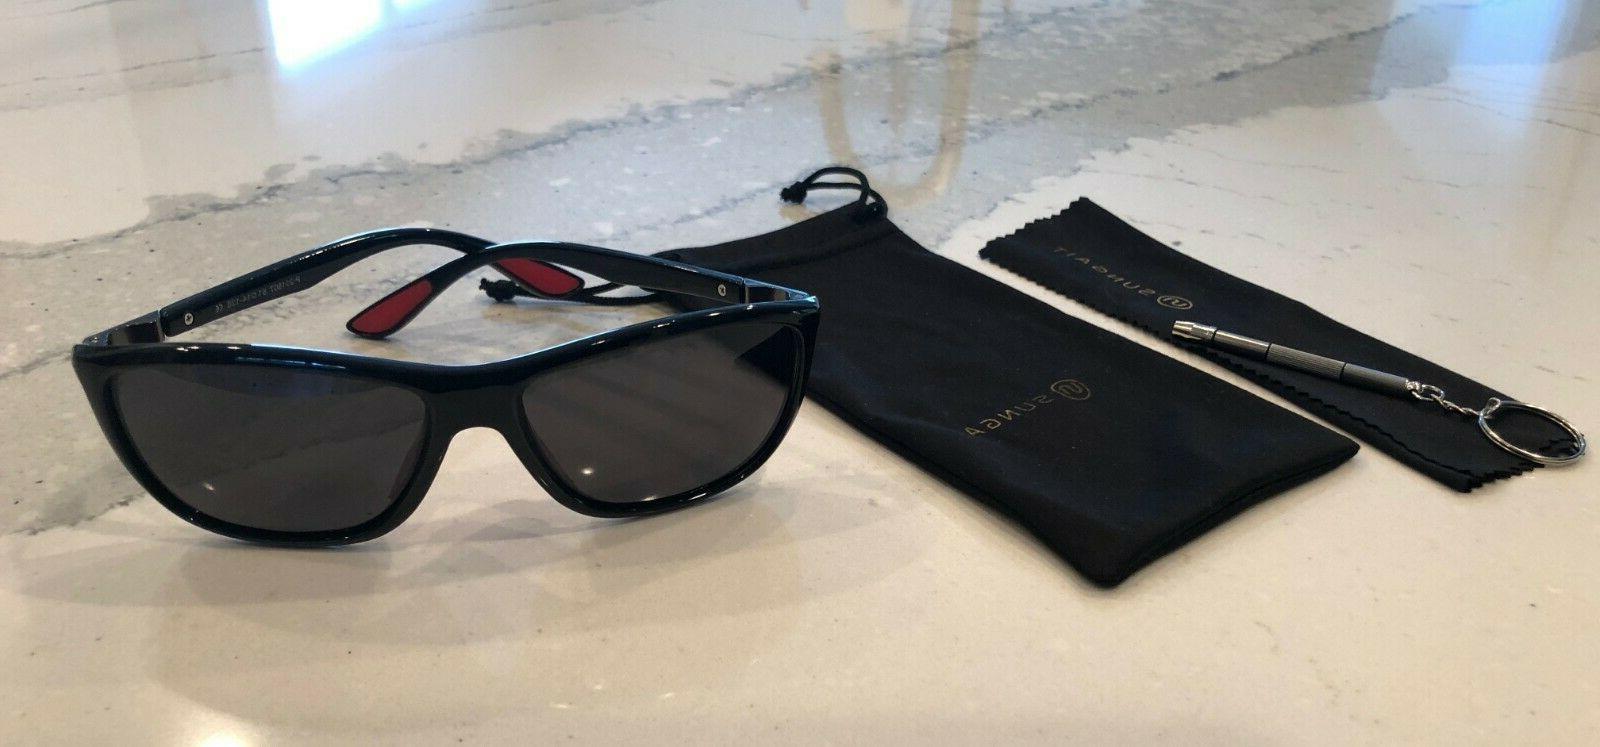 SUNGAIT Unisex Fashion NEW